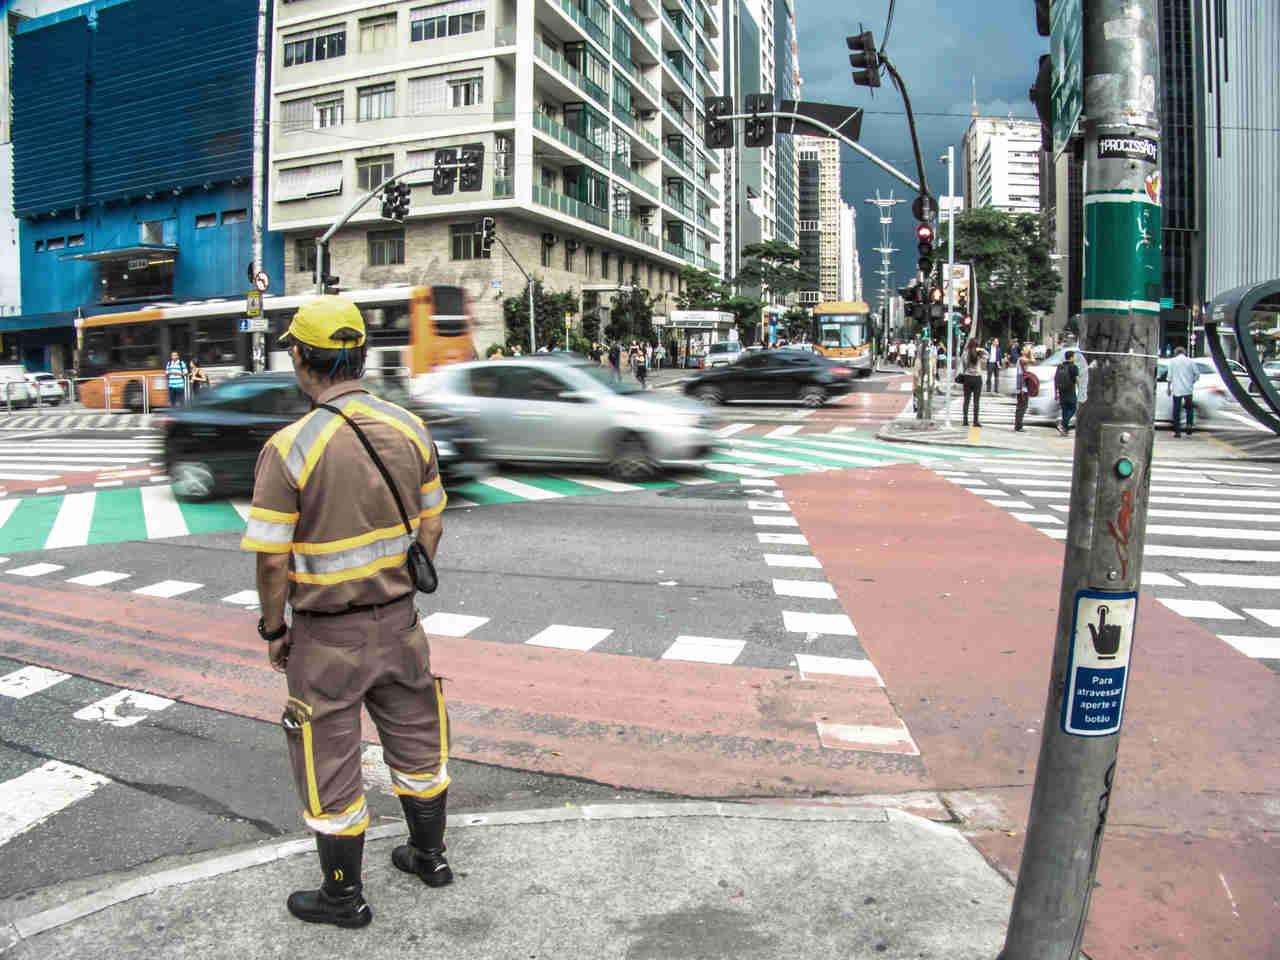 Recursos de multas - Afinal, para qual órgão devo enviar os recursos de multas de trânsito? - Recorra Aqui Blog